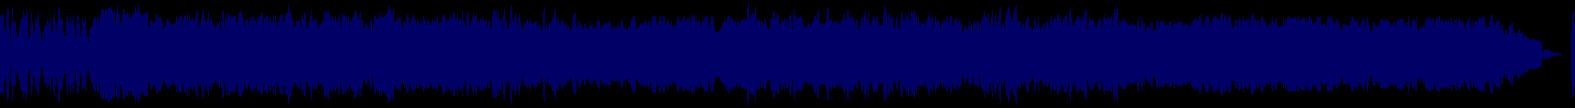 waveform of track #81268